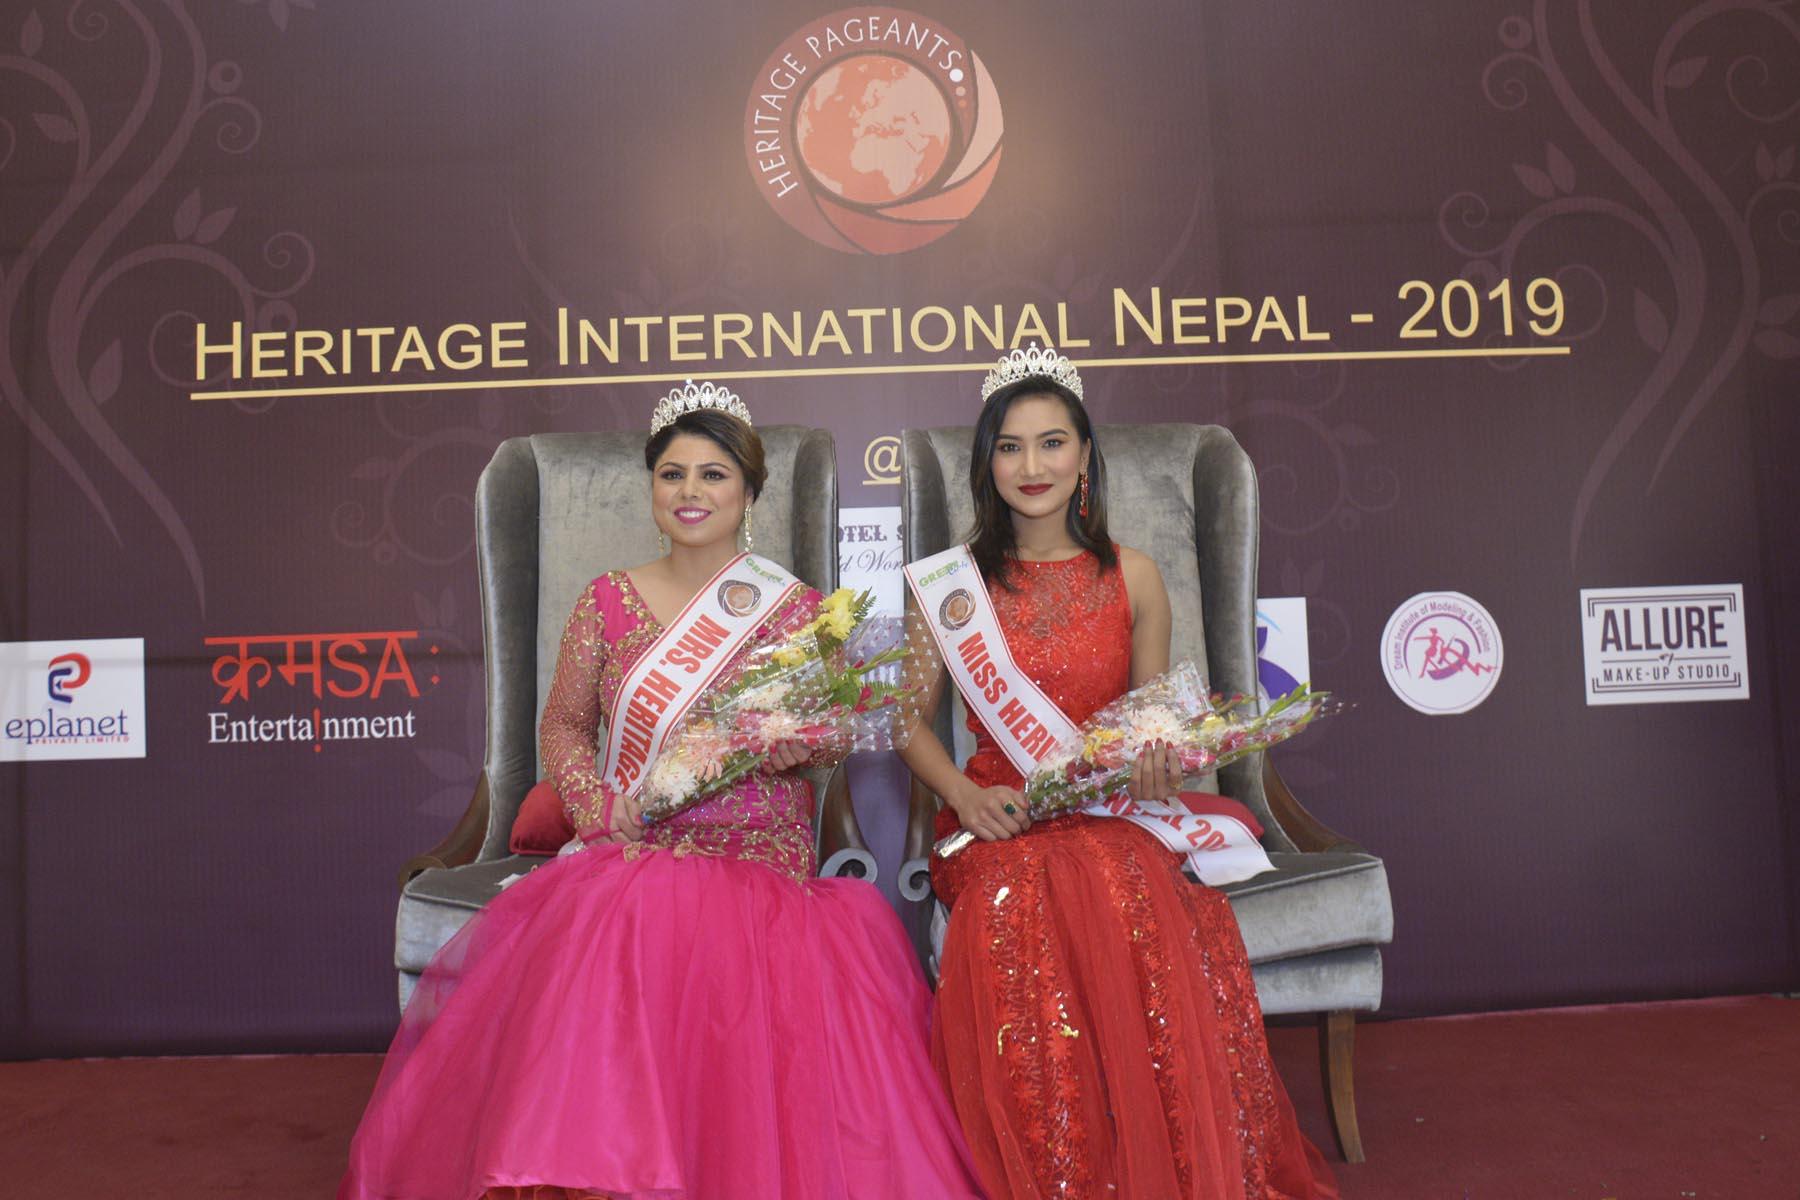 दुई अन्तर्राष्ट्रिय सौन्दर्य प्रतियोगिताको लागि छानिए नेपाल प्रतिनिधी